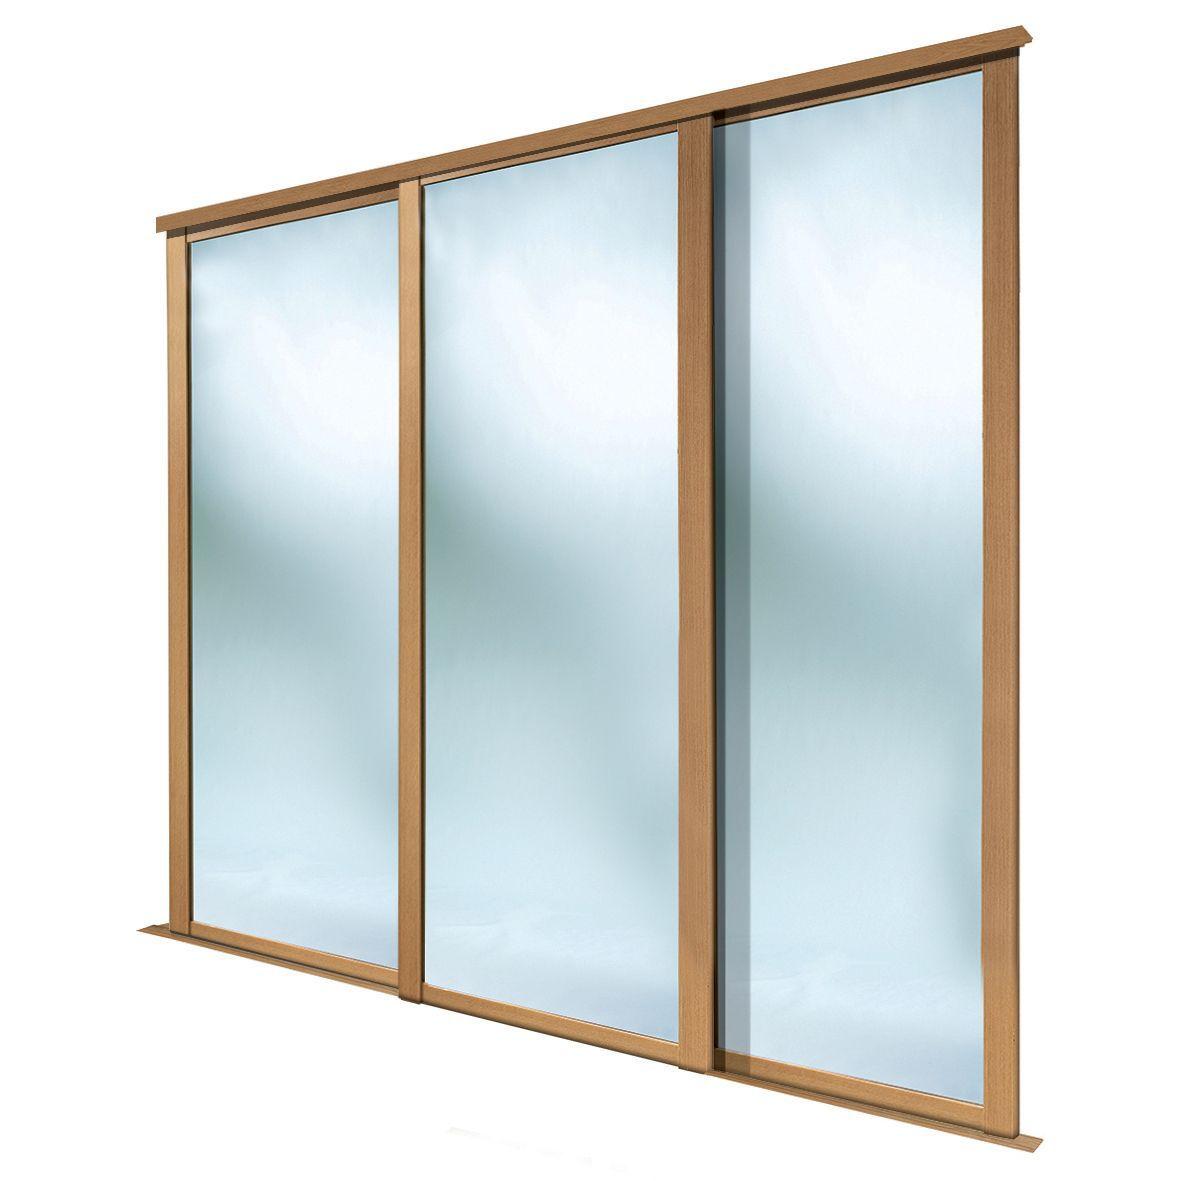 Shaker Full Length Mirror Oak Effect Sliding Wardrobe Door (h)2223 Mm (w)610mm, Pack Of 3